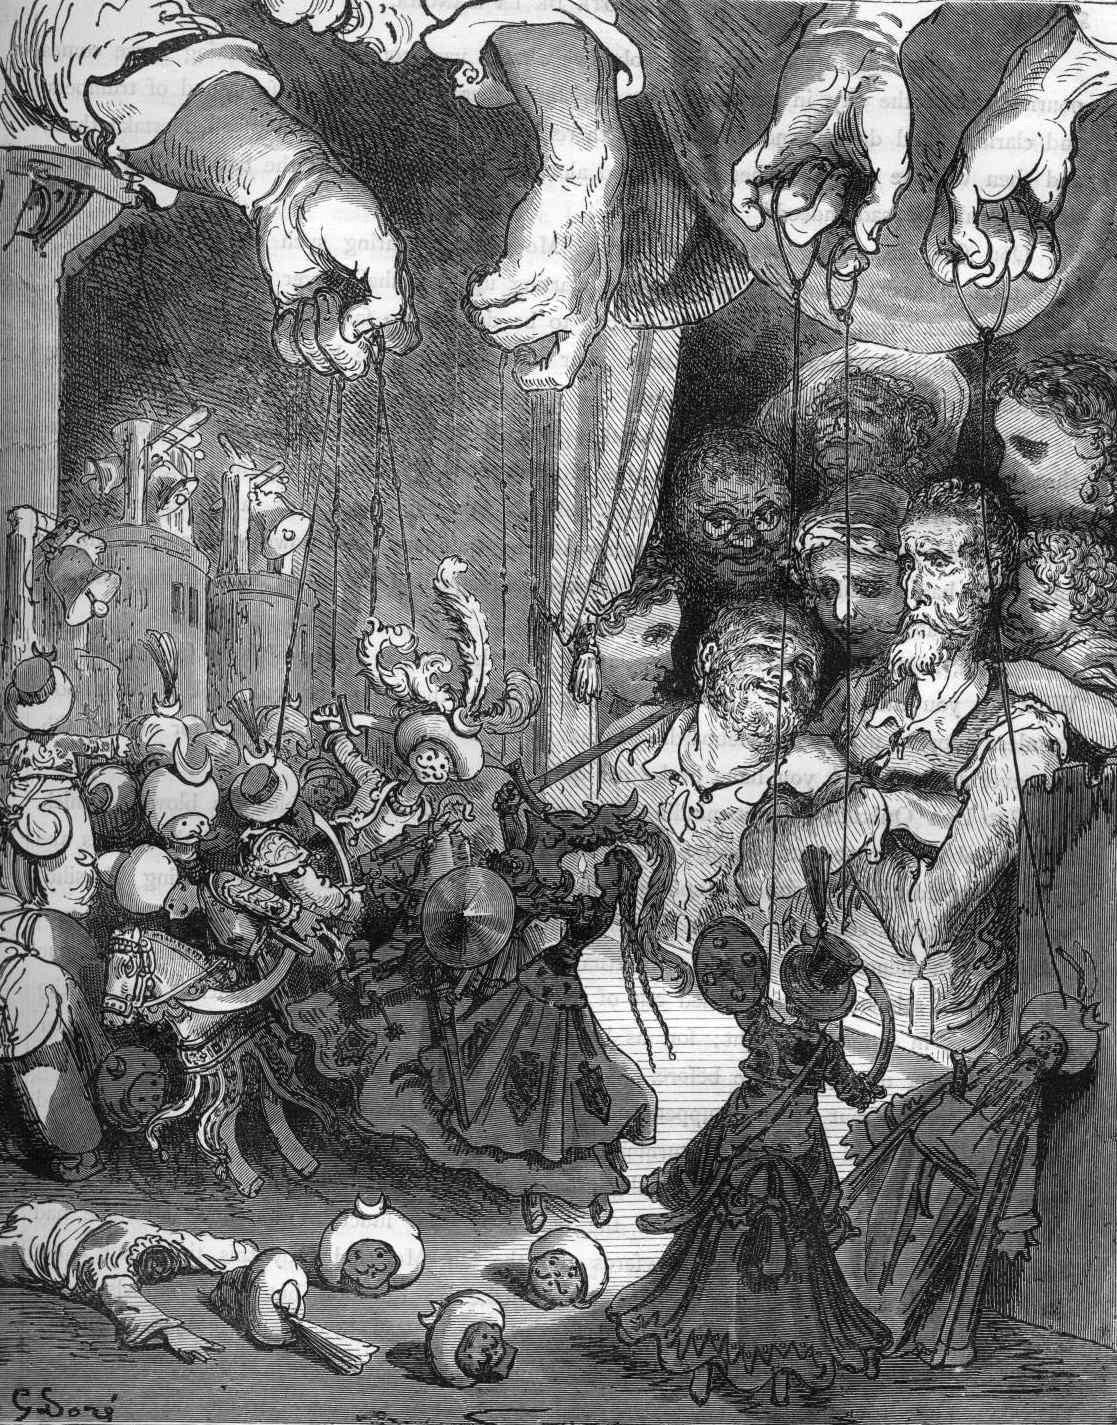 El libreto de El retablo de maese Pedro está inspirado en un episodio de Don Quijote de La Mancha.